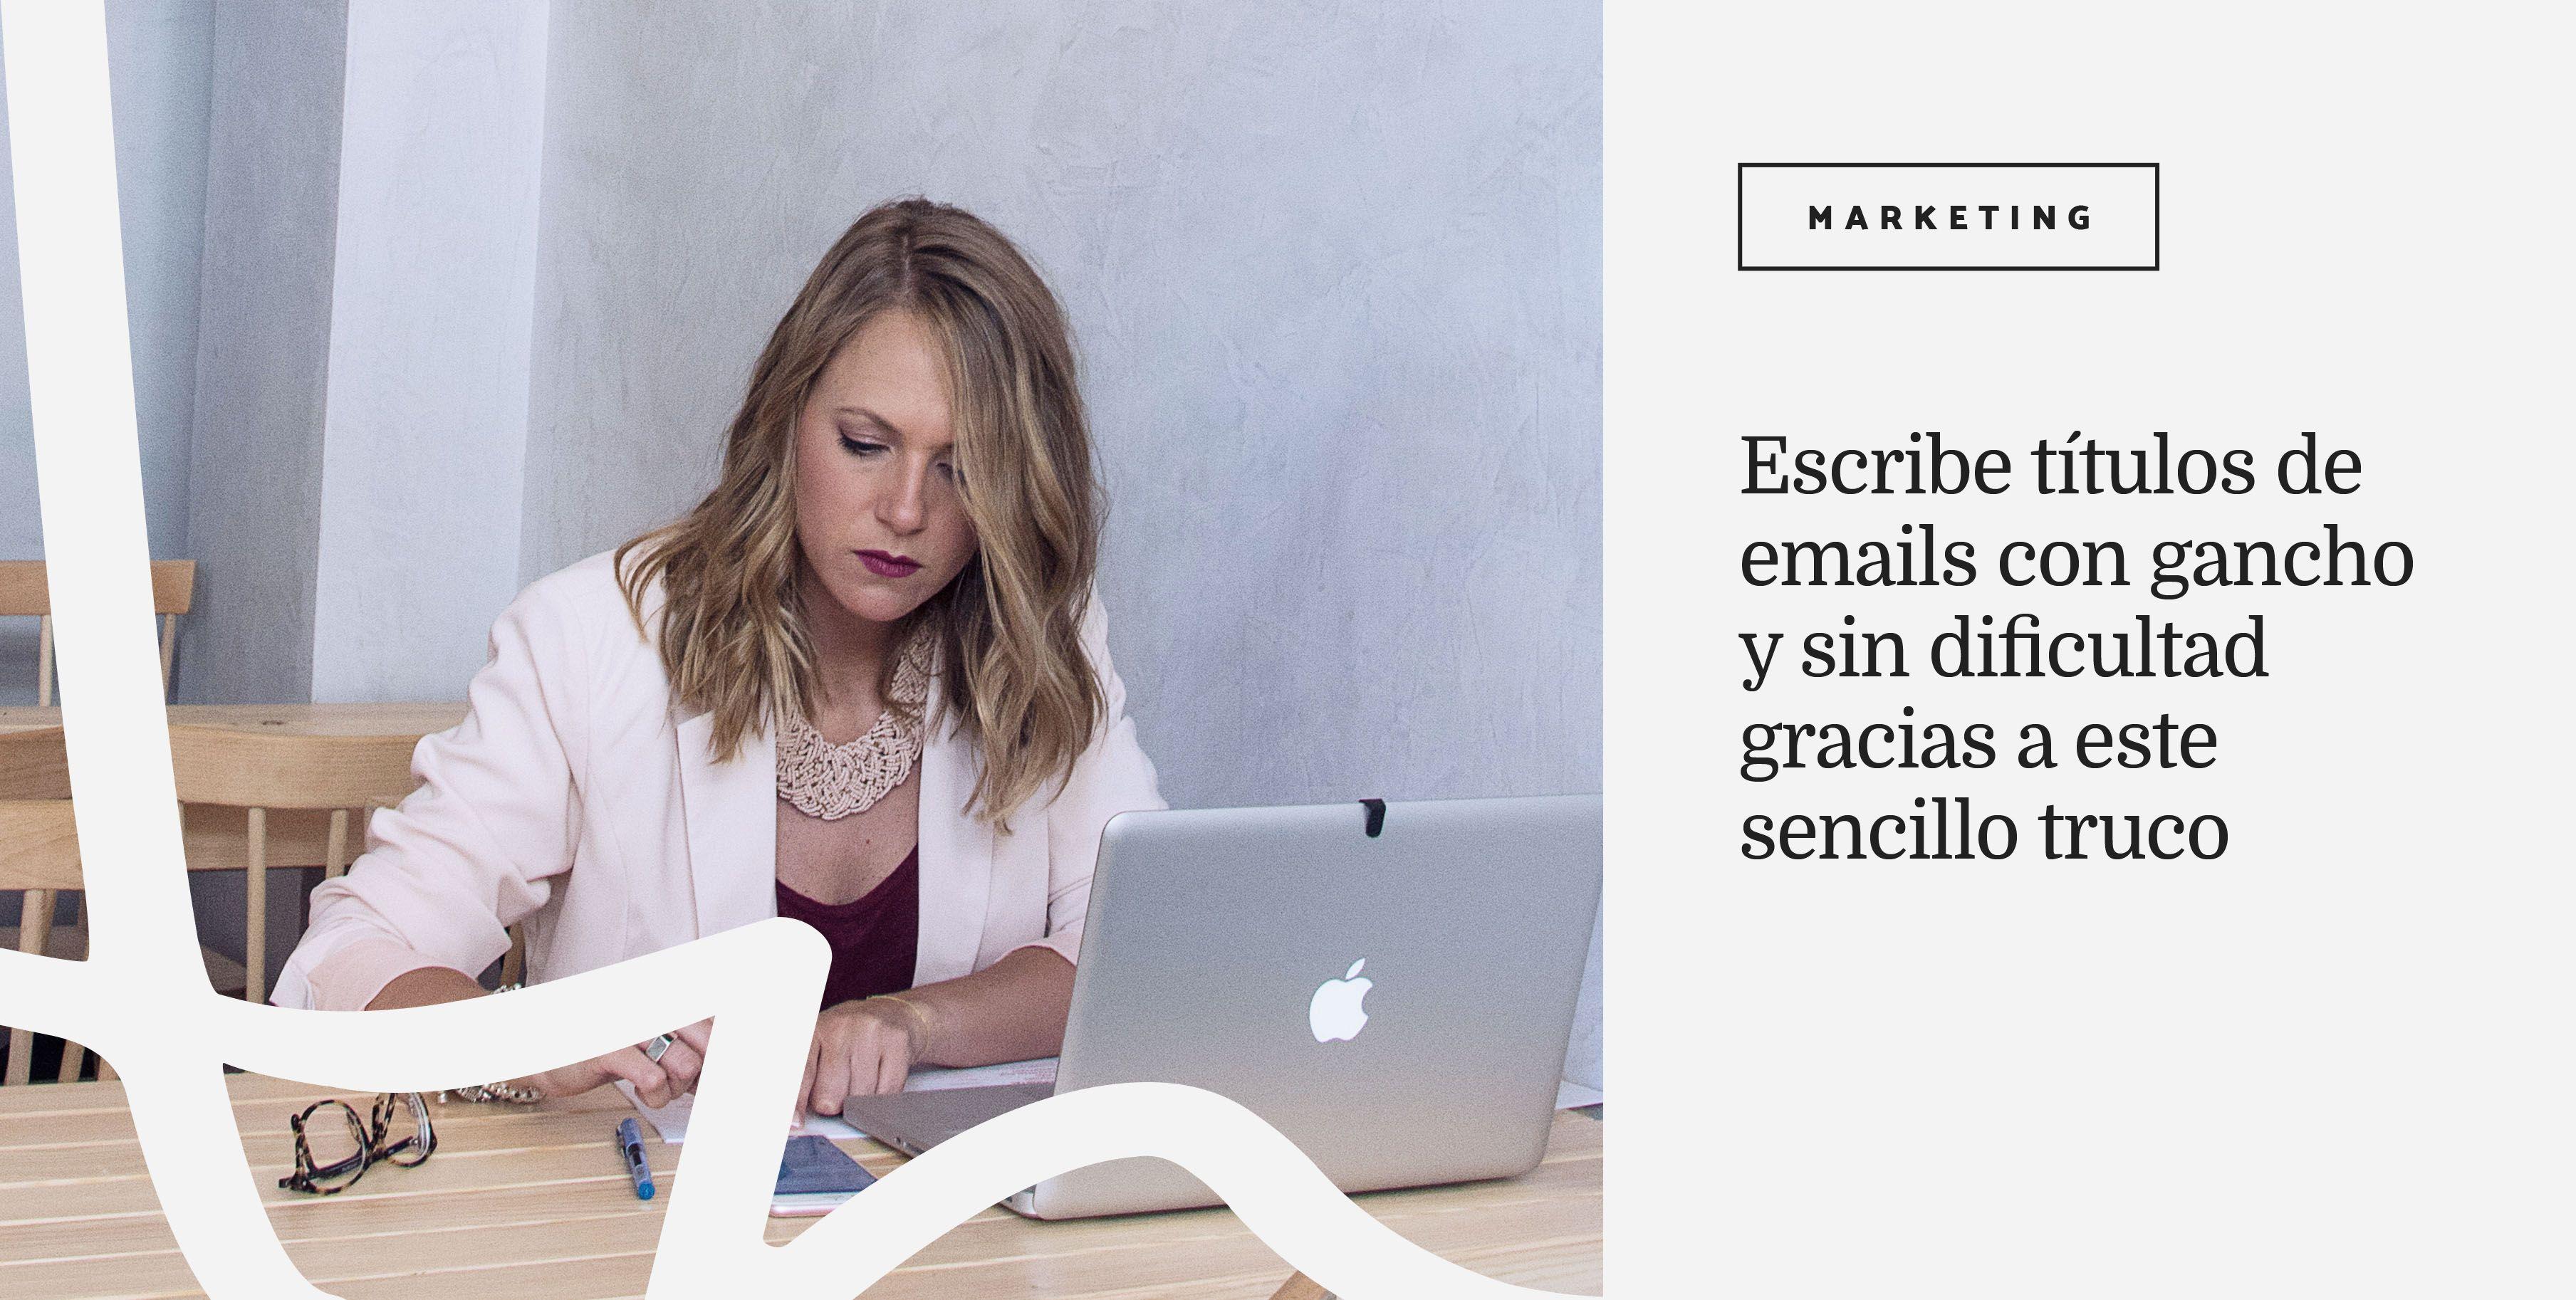 Asuntos-para-newsletters-moda-Ana-Diaz-del-Rio-Portada.jpg